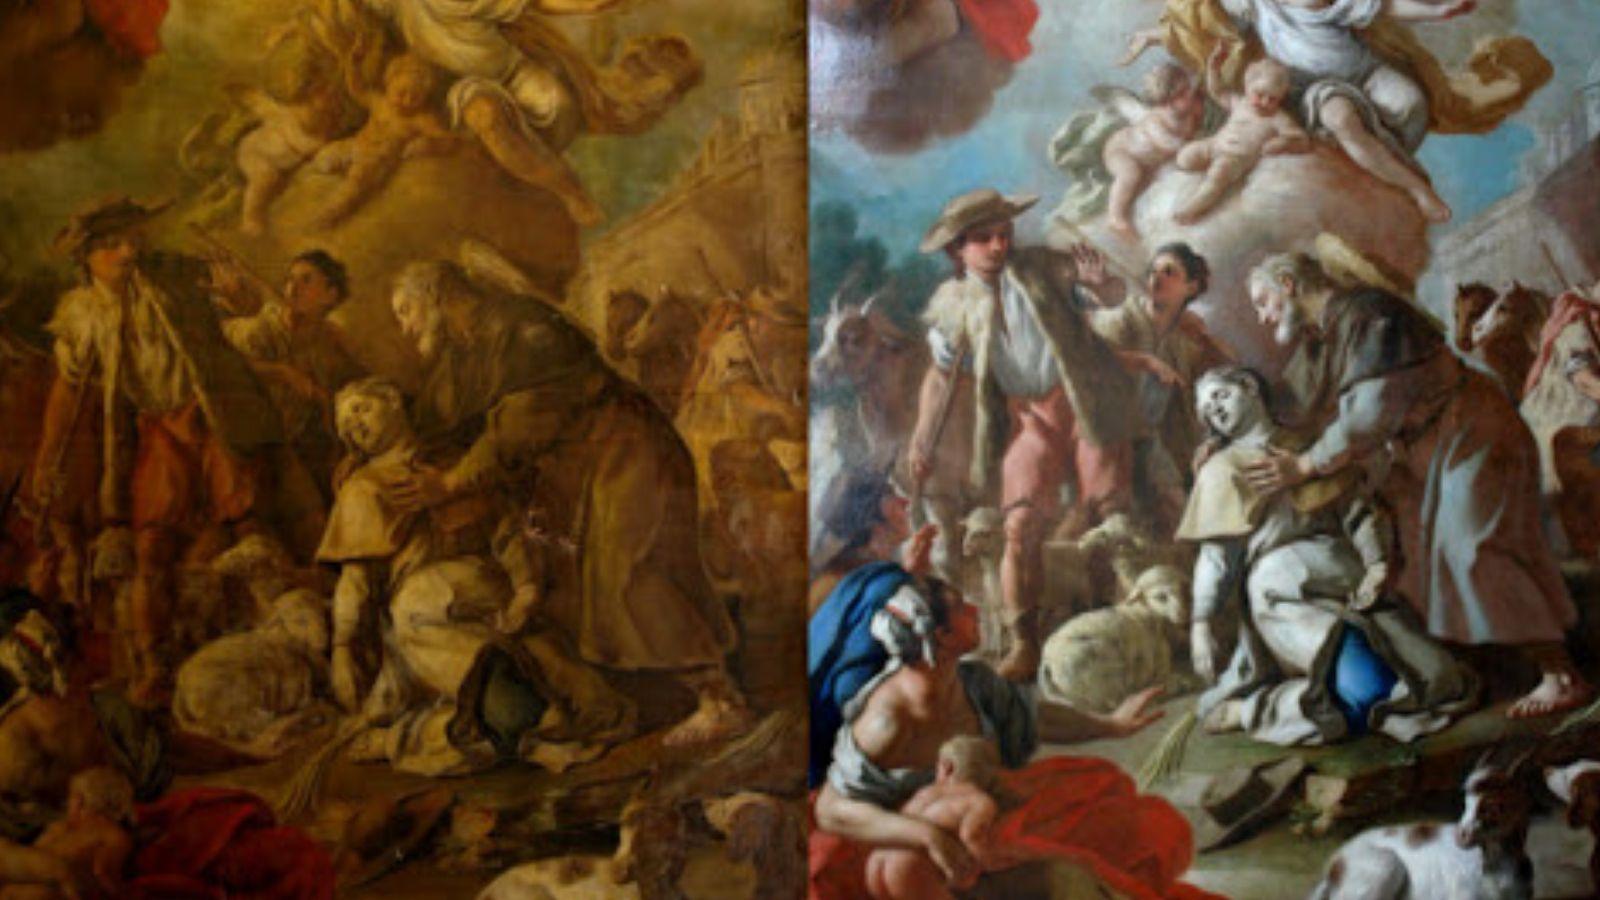 Santi Guglielmo e Pellegrino